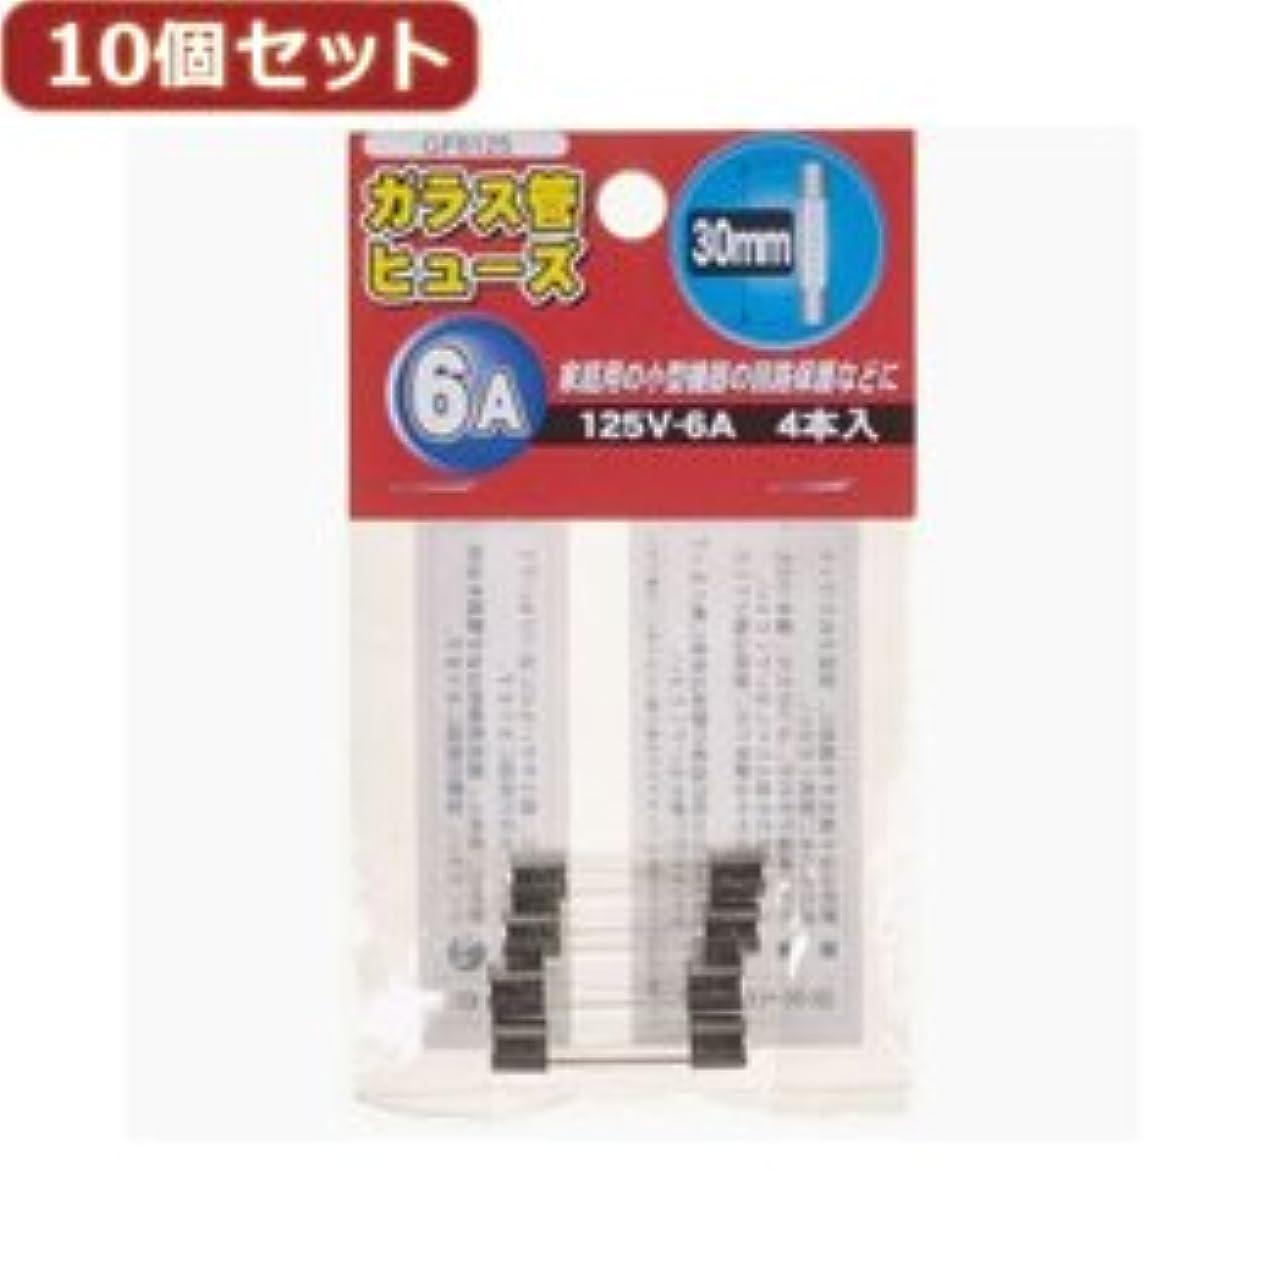 変位回転するカウンタ【まとめ 2セット】 YAZAWA 10個セットガラス管ヒュ-ズ30mm 125V GF6125X10